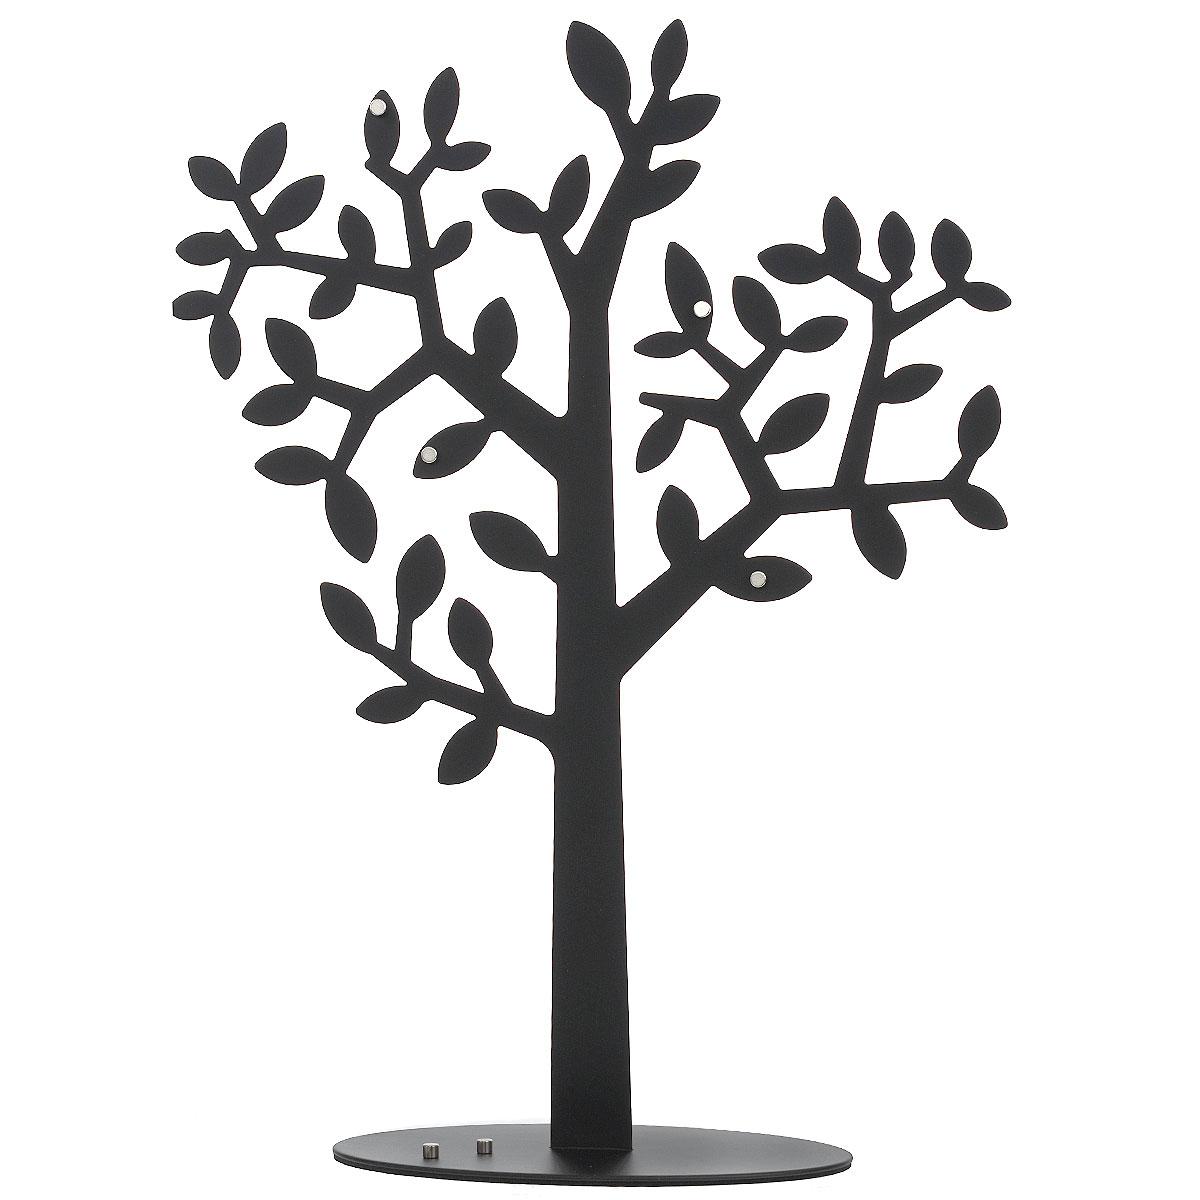 Держатель для фото Umbra Laurel, цвет: черный. 306600-04074-0120Держатель для фото Umbra Laurel станет не только прекрасным декоративным украшением стола, но и послужит функционально: поместите в держатель вашу любимую фотографию, и она будет радовать вас каждый день, напоминая о приятных мгновениях. Держатель выполнен из металла в виде дерева. Такой сувенир, несомненно, доставит море положительных эмоций своему обладателю. Общий размер держателя: 41 см х 29 см x 4 см.